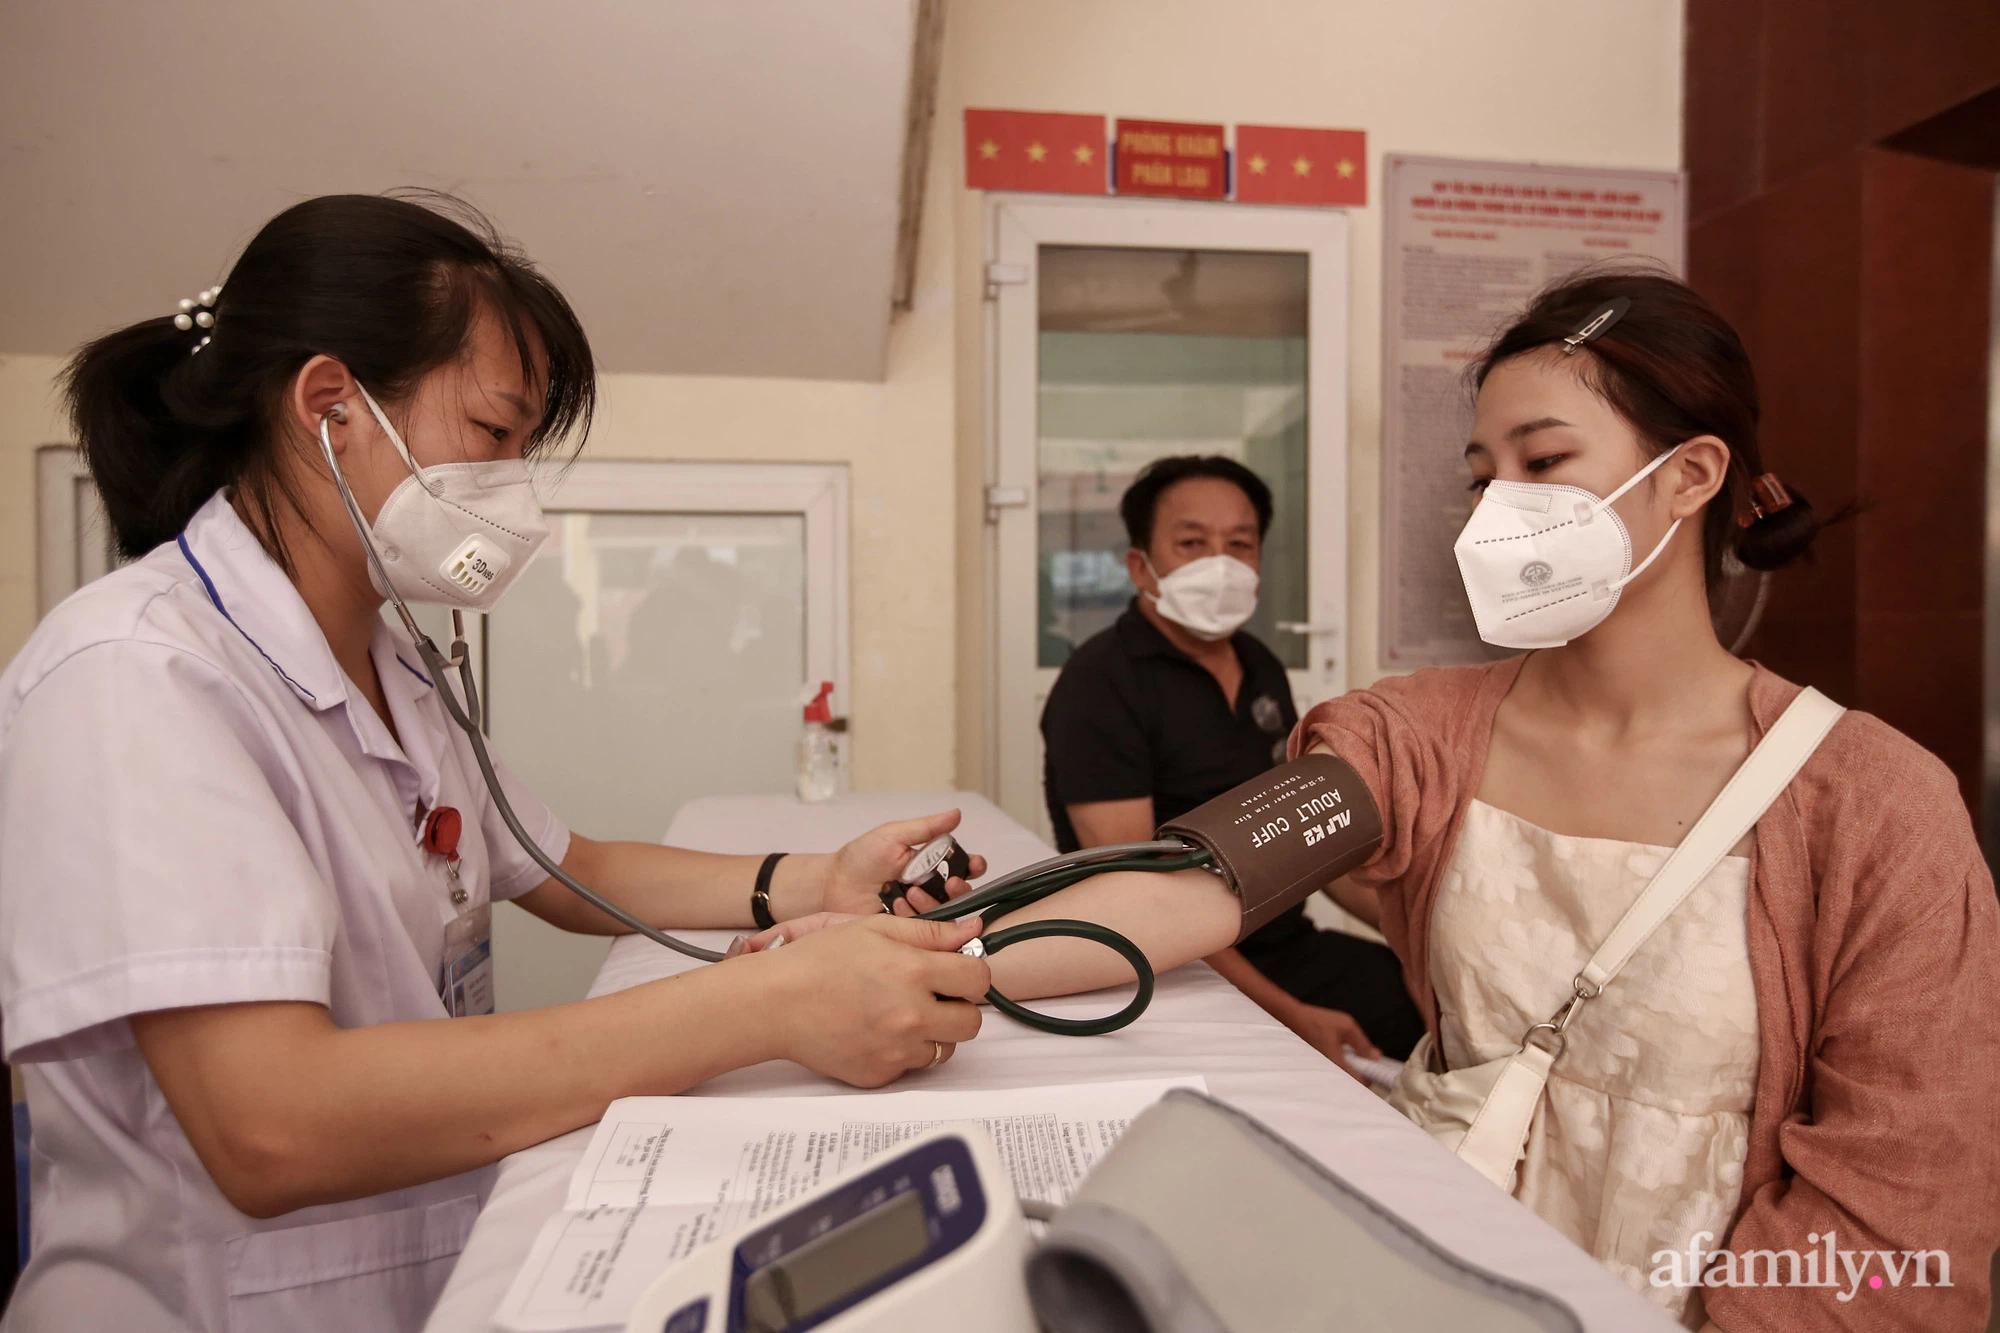 Ngày đầu tiên người dân Hà Nội bắt đầu được tiêm vaccine phòng dịch COVID-19 quy mô lớn nhất lịch sử - Ảnh 4.